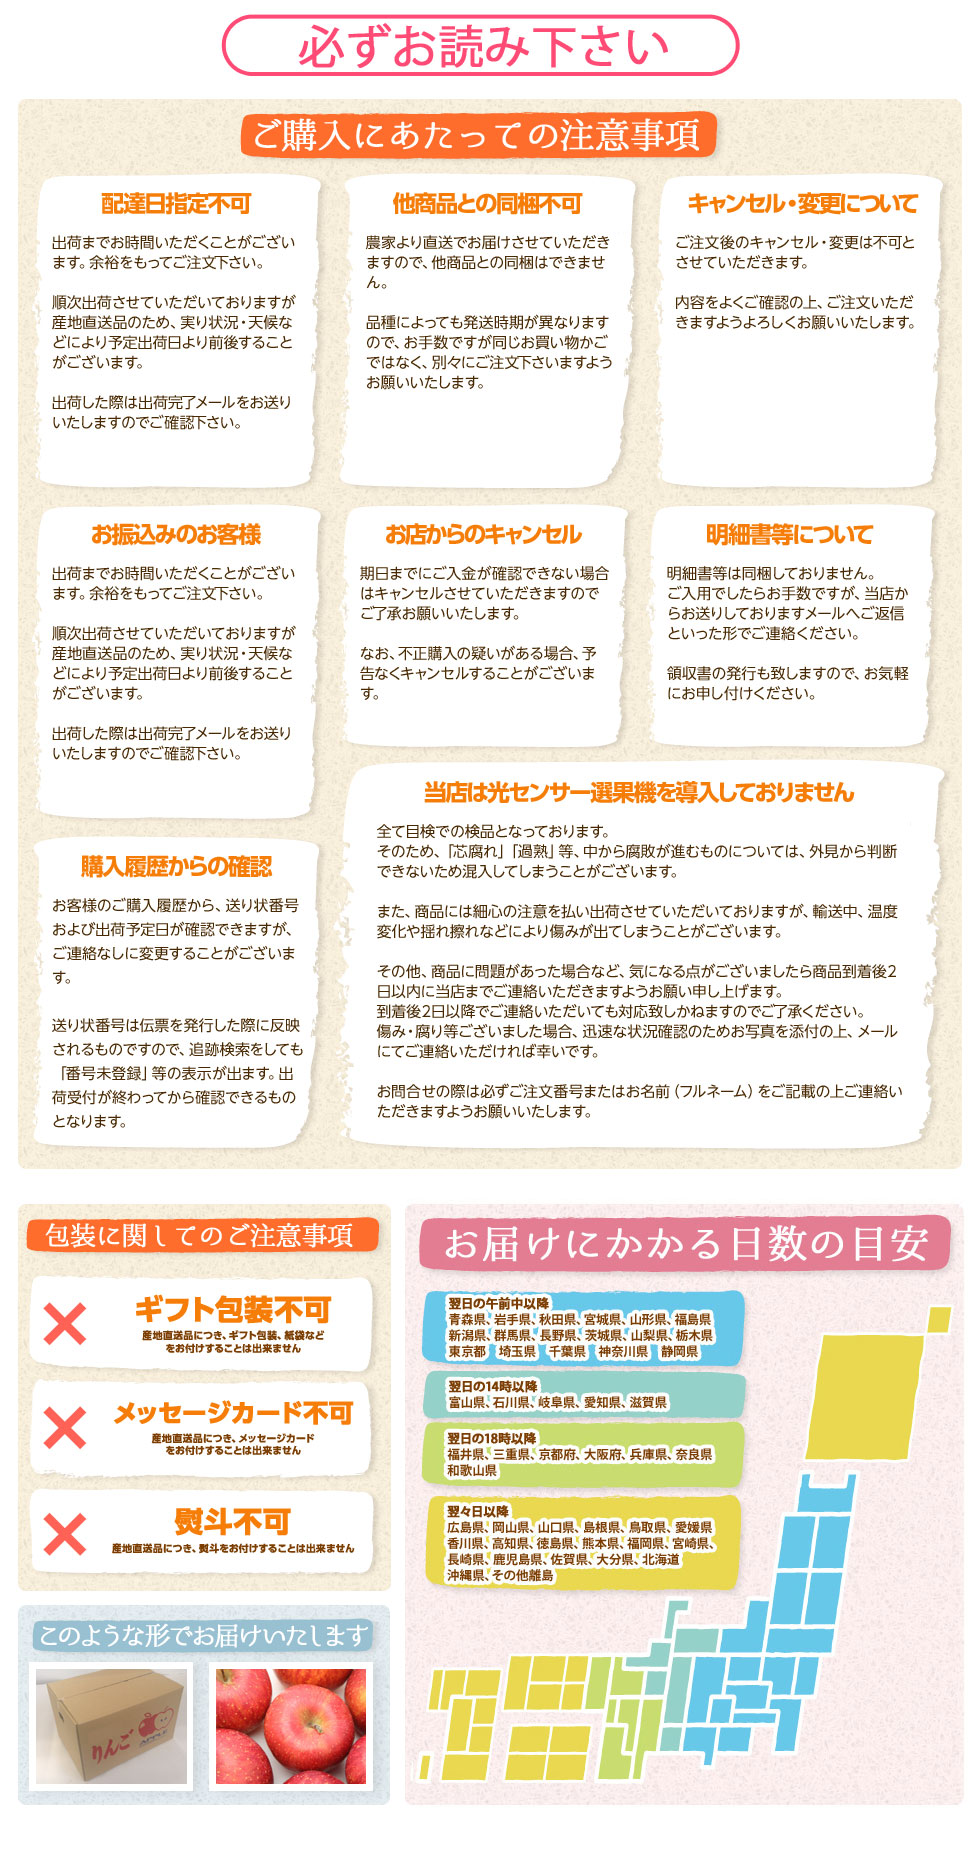 福島産 早生ふじ・サンふじの説明